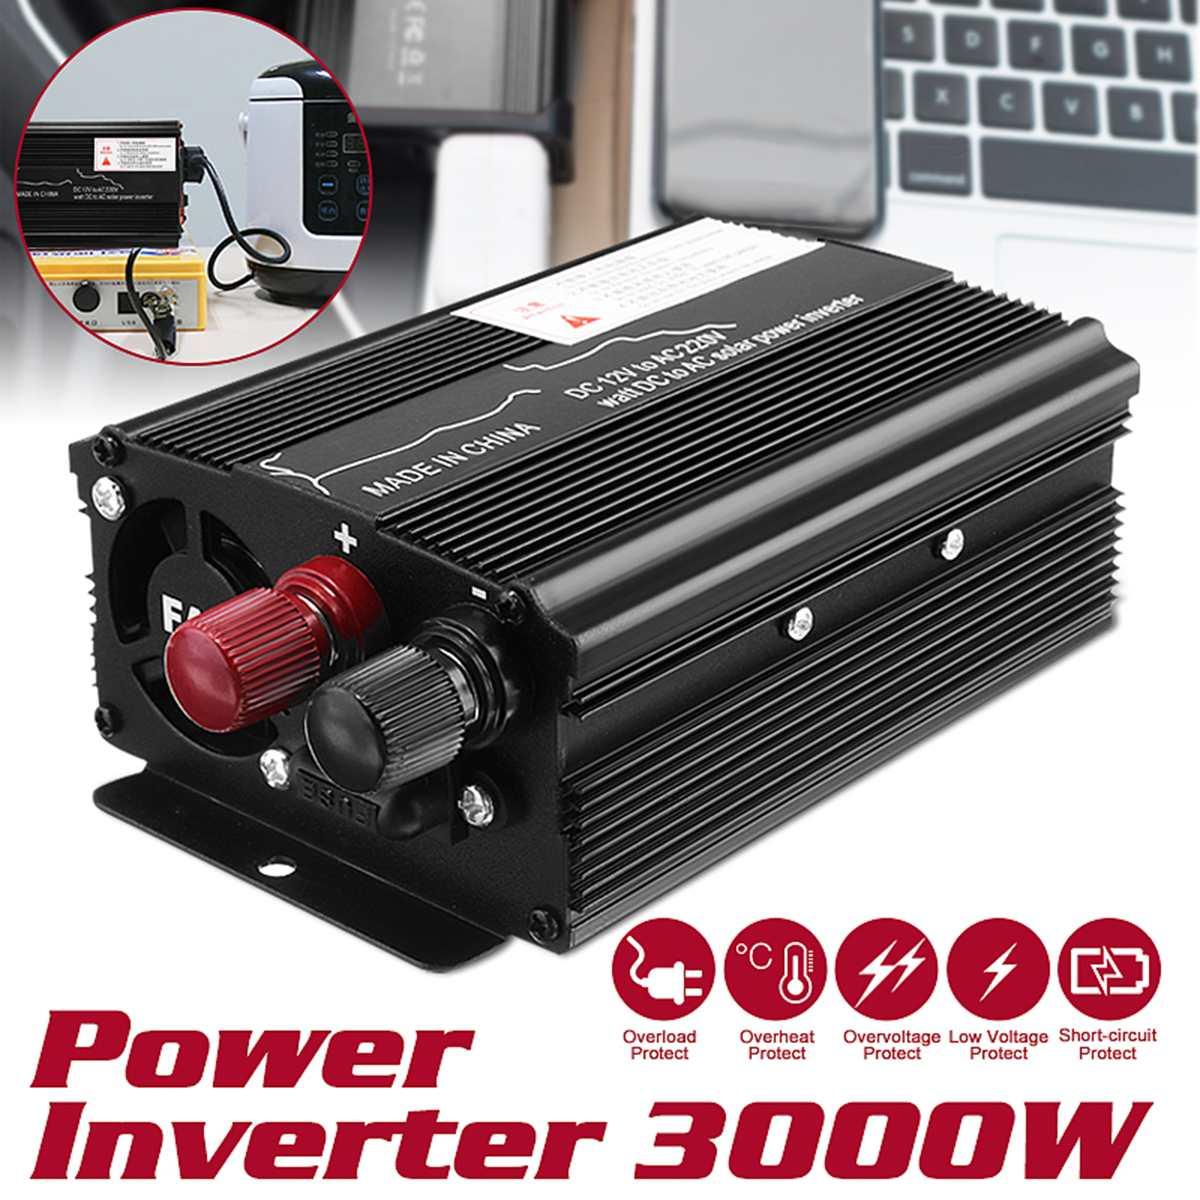 New Autoleader Solar Inverter DC 24V To AC 220V 3000W Inverter Peaks Power Voltage Transformer Converter Sine Wave